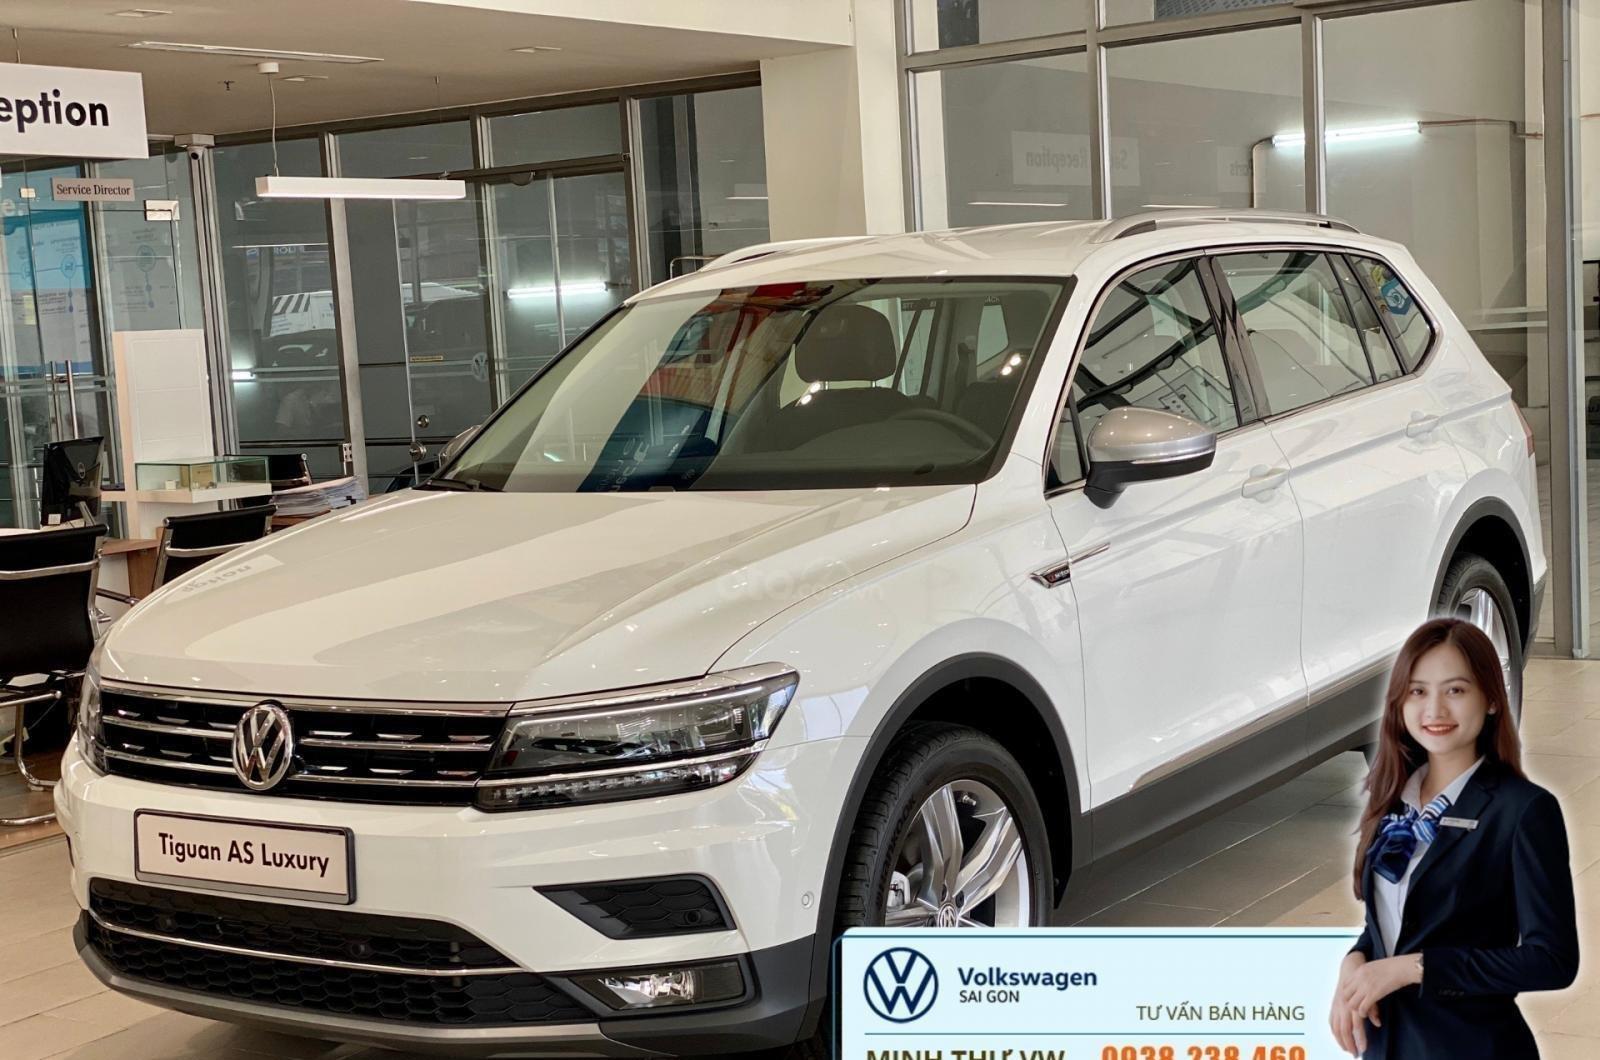 Volkswagen Tiguan Luxury Topline màu trắng, nâng cấp sang trọng - SUV 7 chỗ nhập khẩu - KM tháng ngâu lên đến 170 triệu (6)